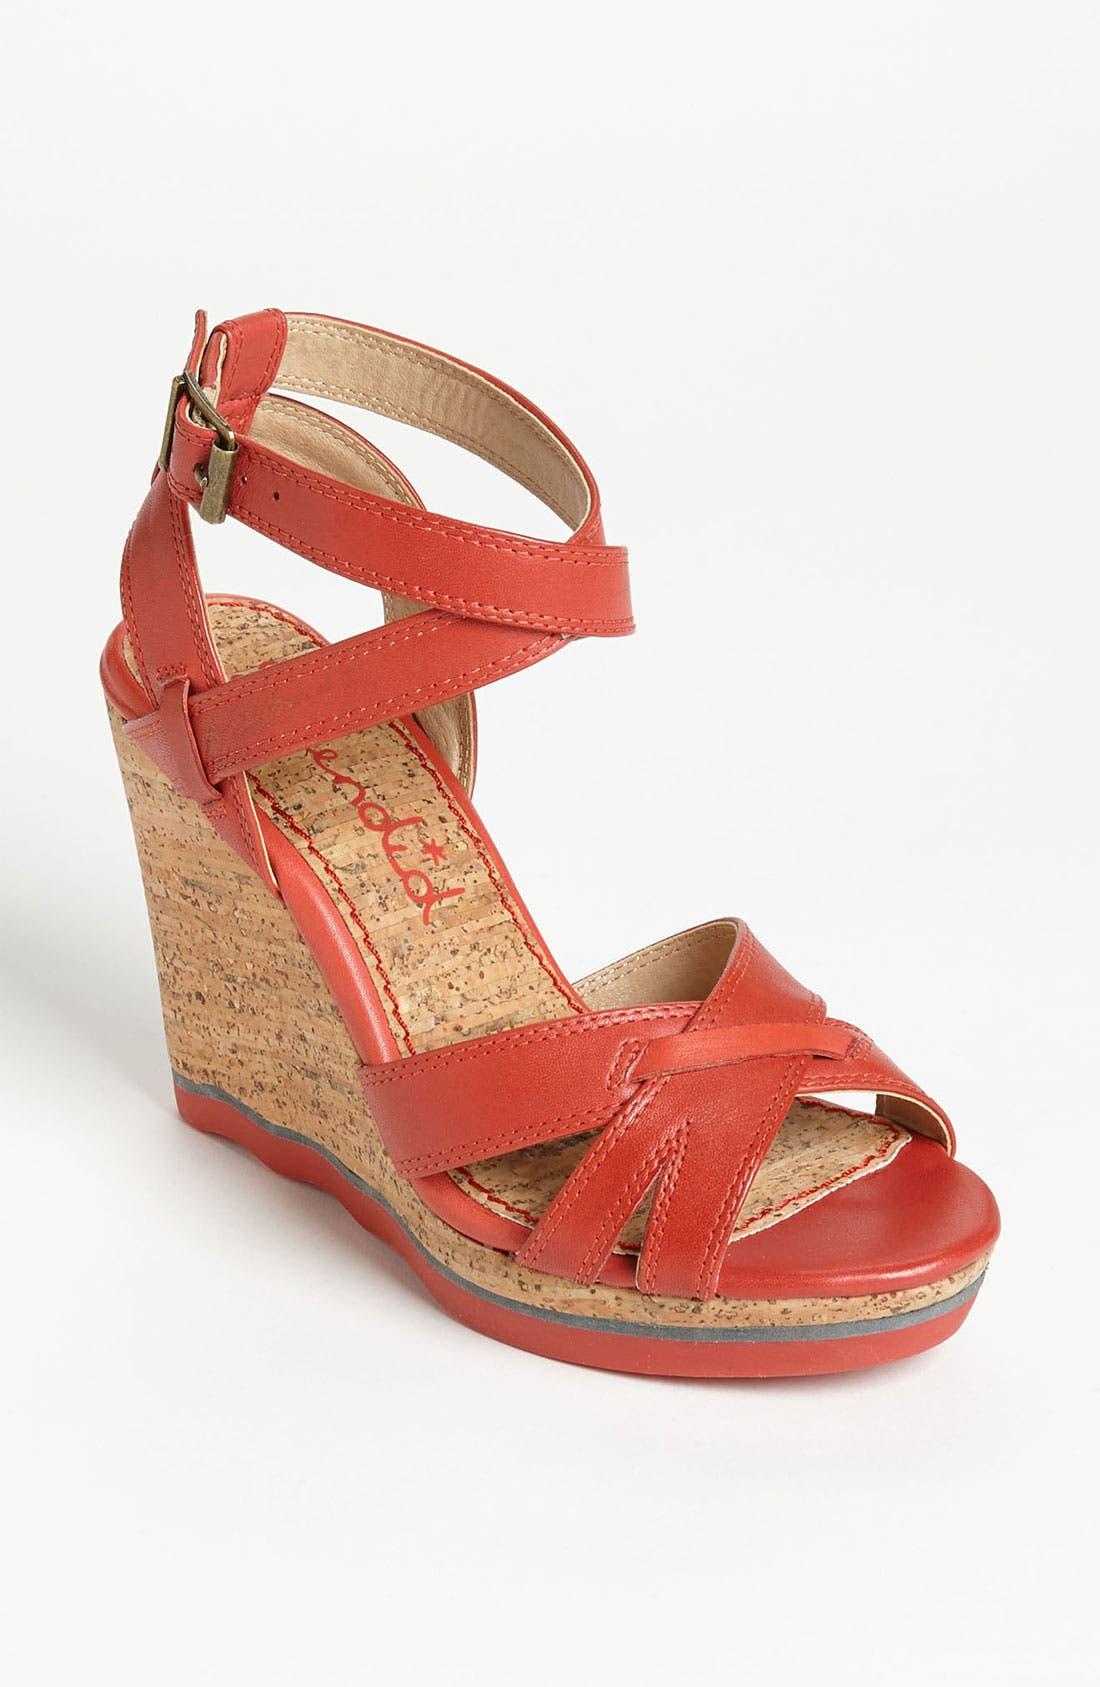 Main Image - Splendid 'Sage' Sandal